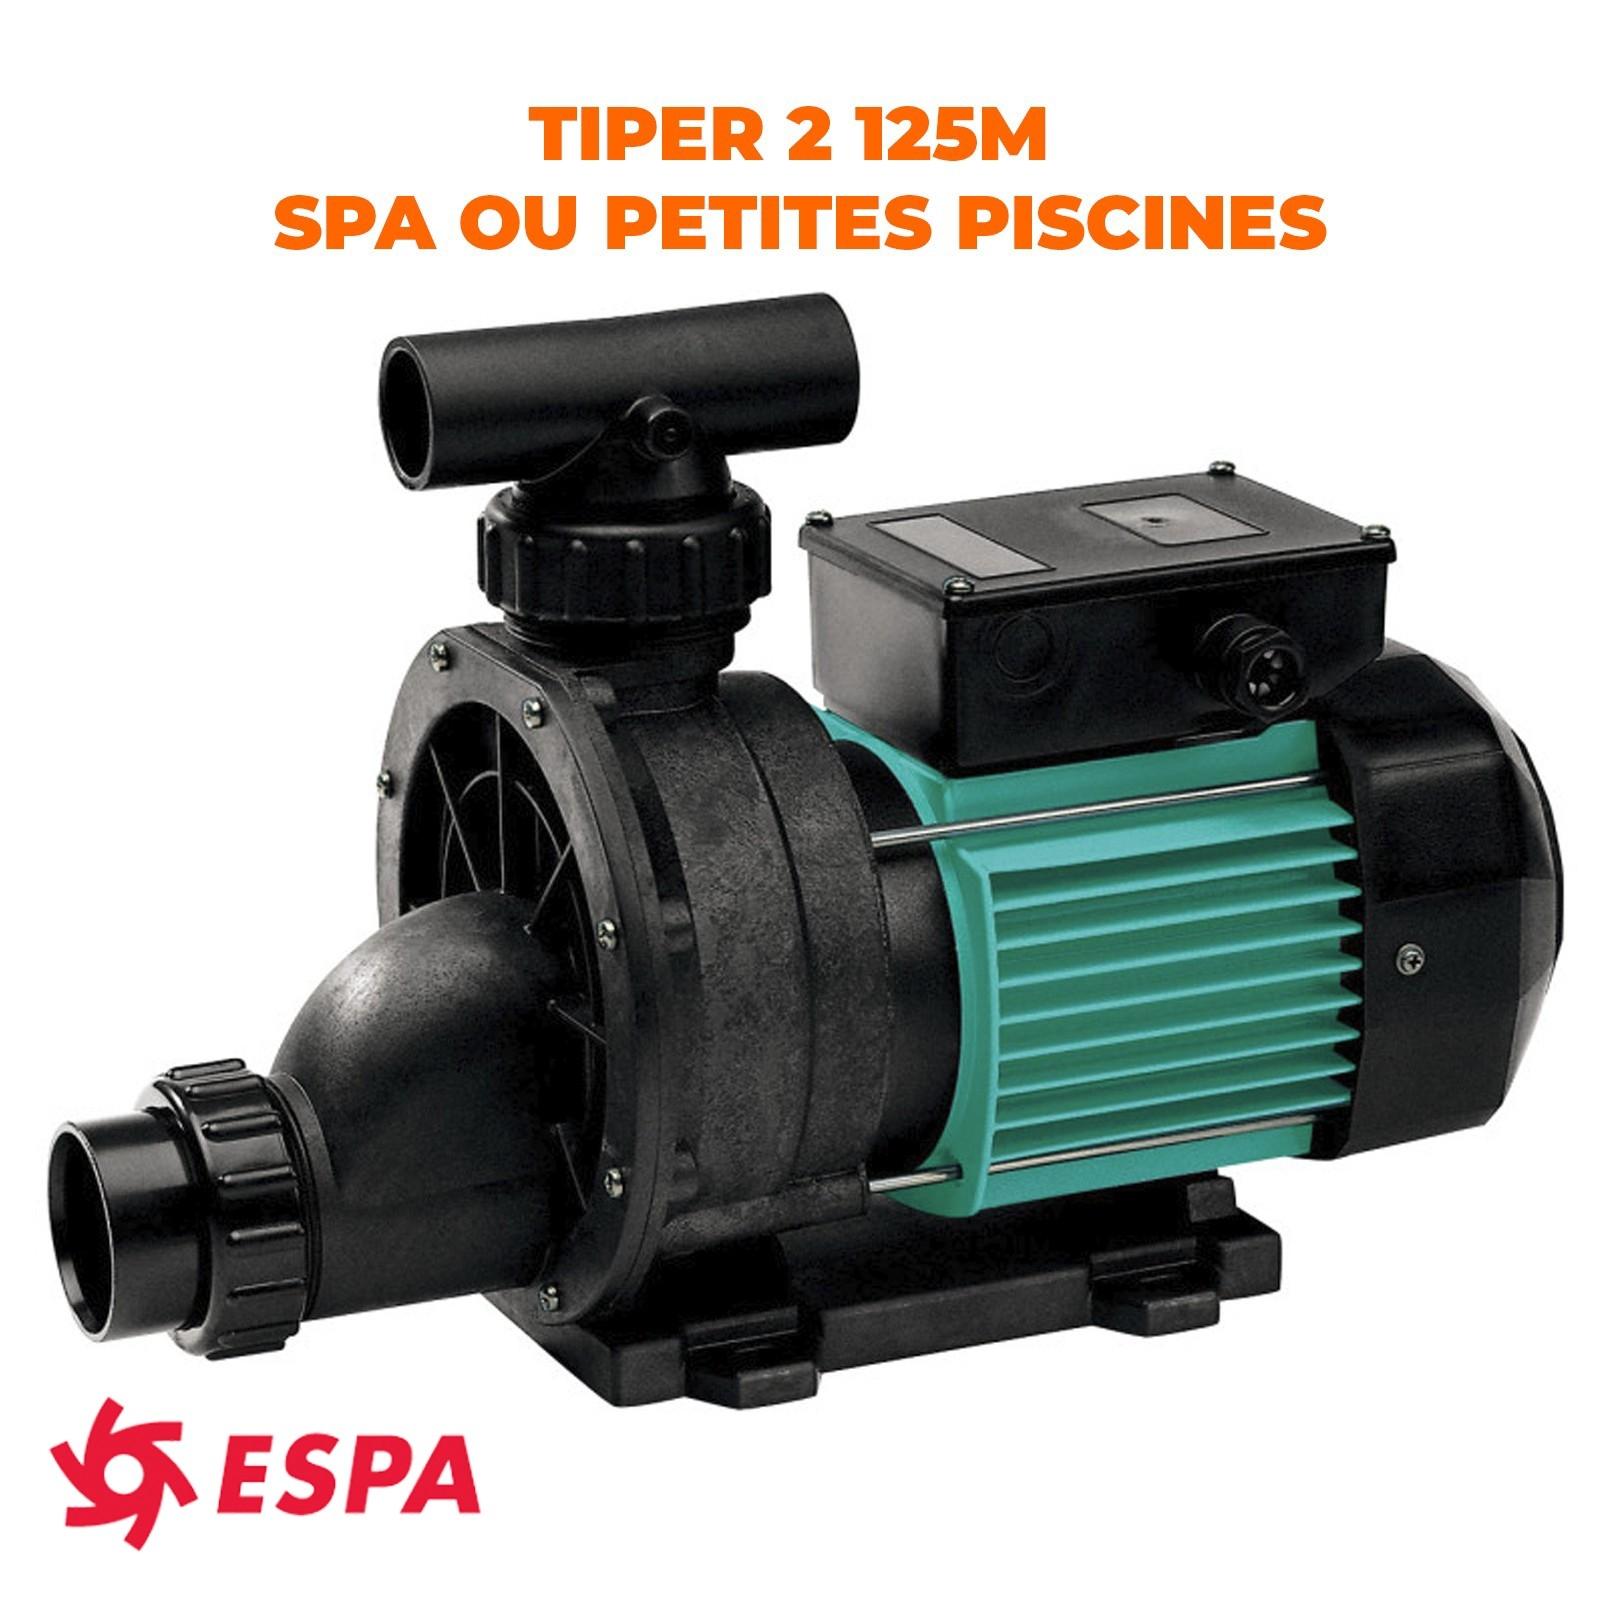 TIPER 125M ESPA POMPE SPA OU PETITE PISCINE